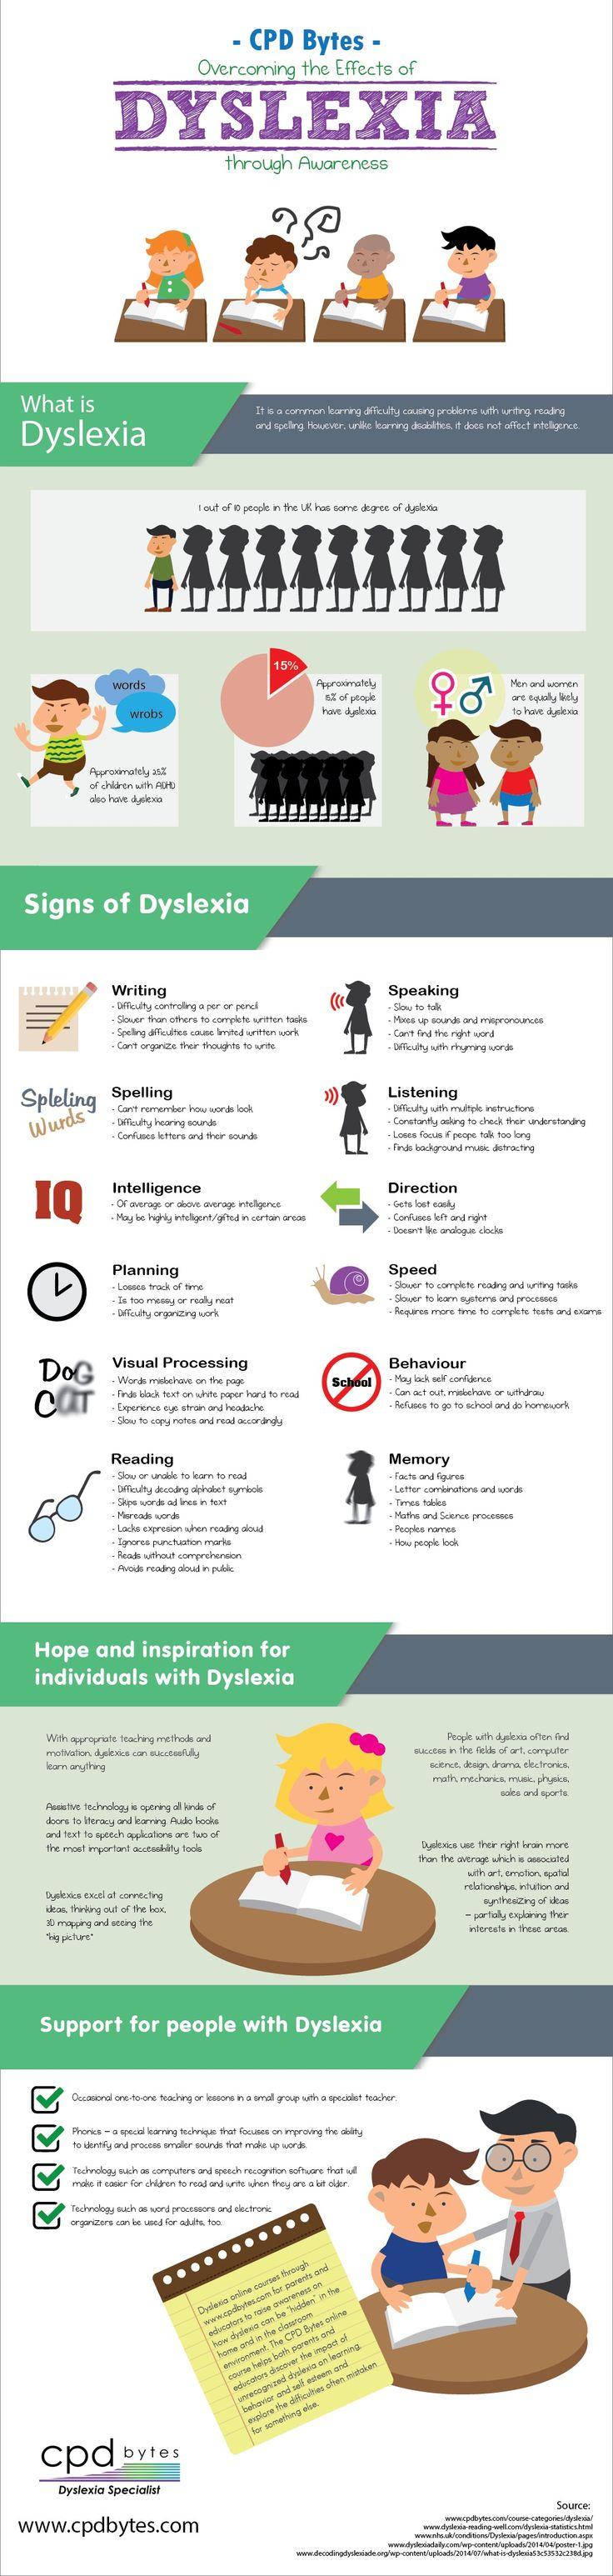 78+ ideen zu causes of dyslexia auf pinterest | legasthenie